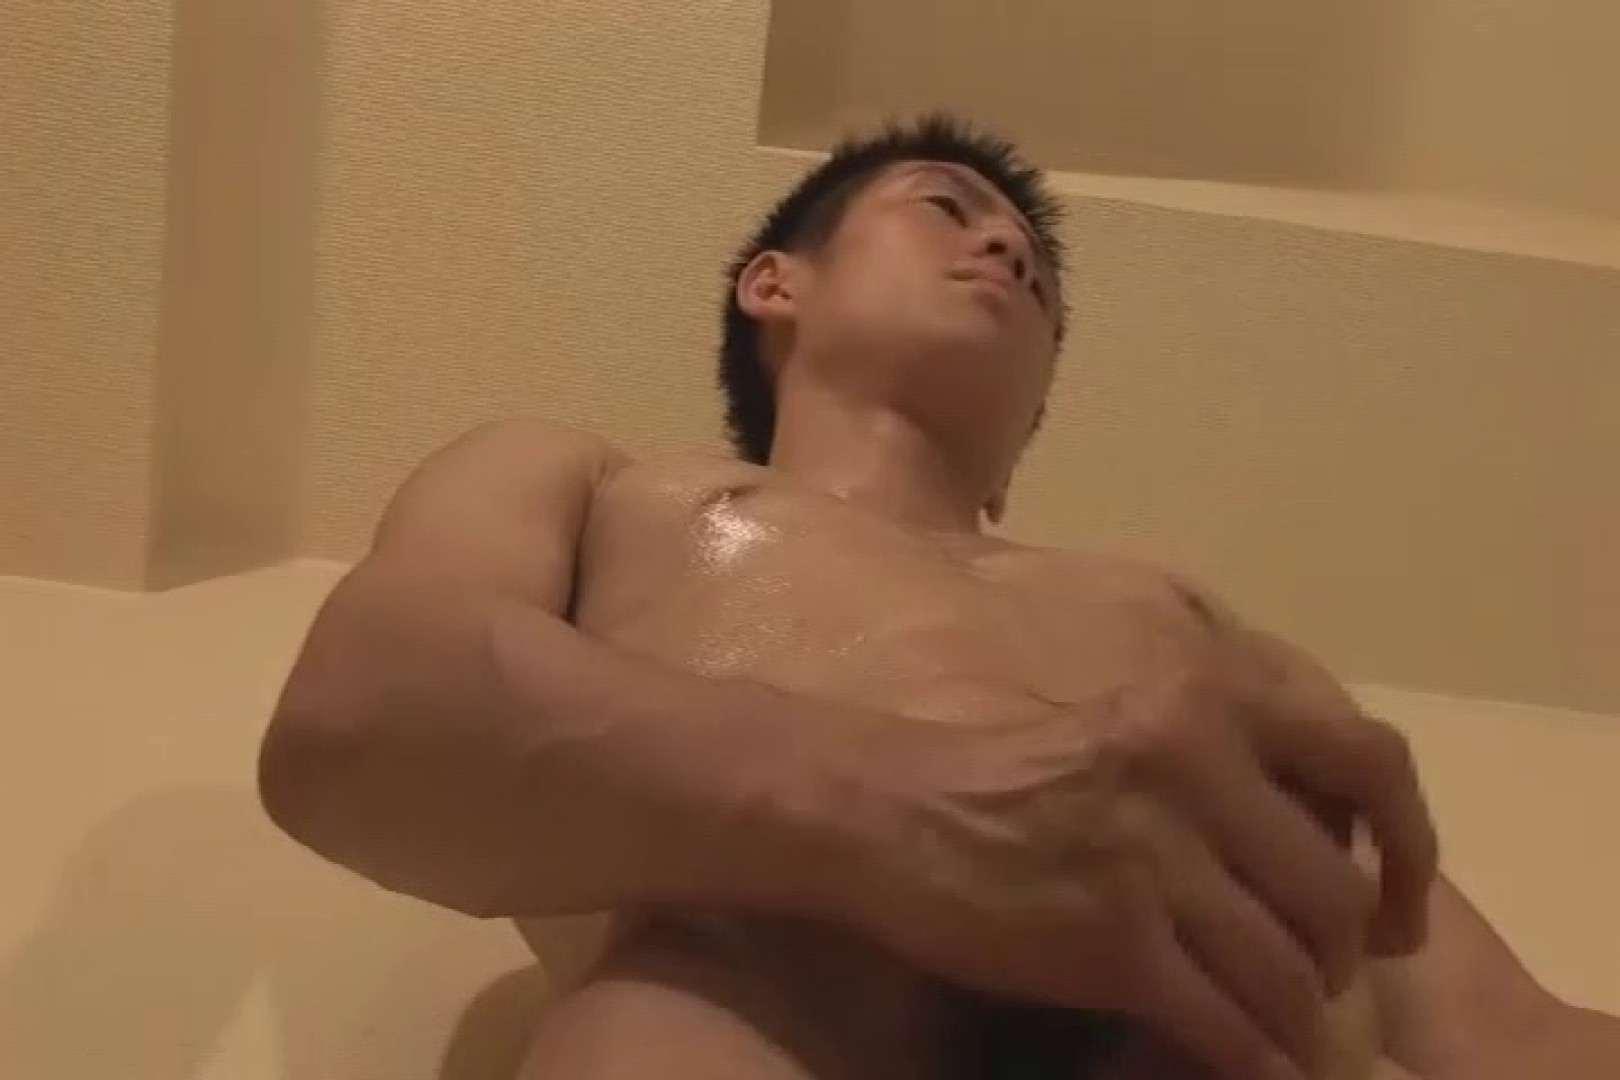 暴れん棒!!雄穴を狙え!! vol.04 オナニー ゲイモロ画像 87pic 62